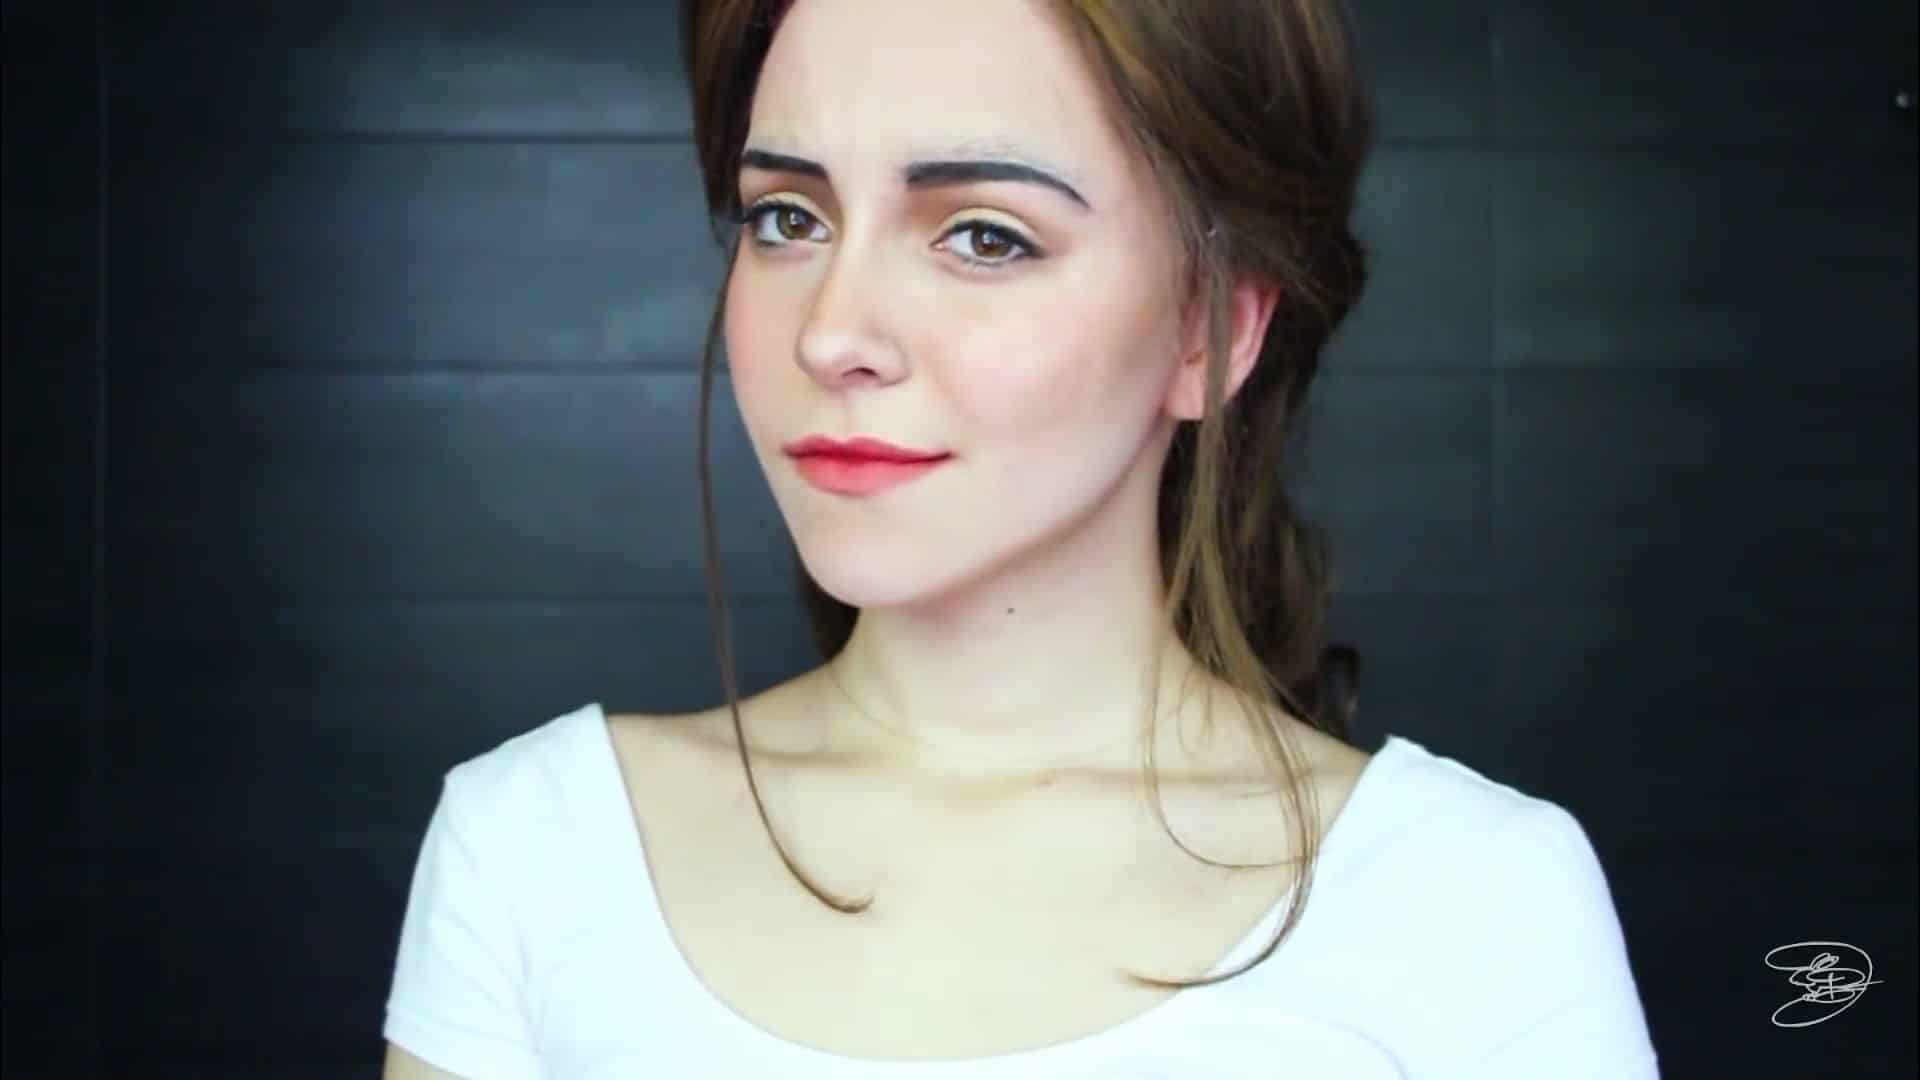 Maquíllate como la princesa la Bella de Emma Watson Jbunzie 2020, maquillaje terminado.